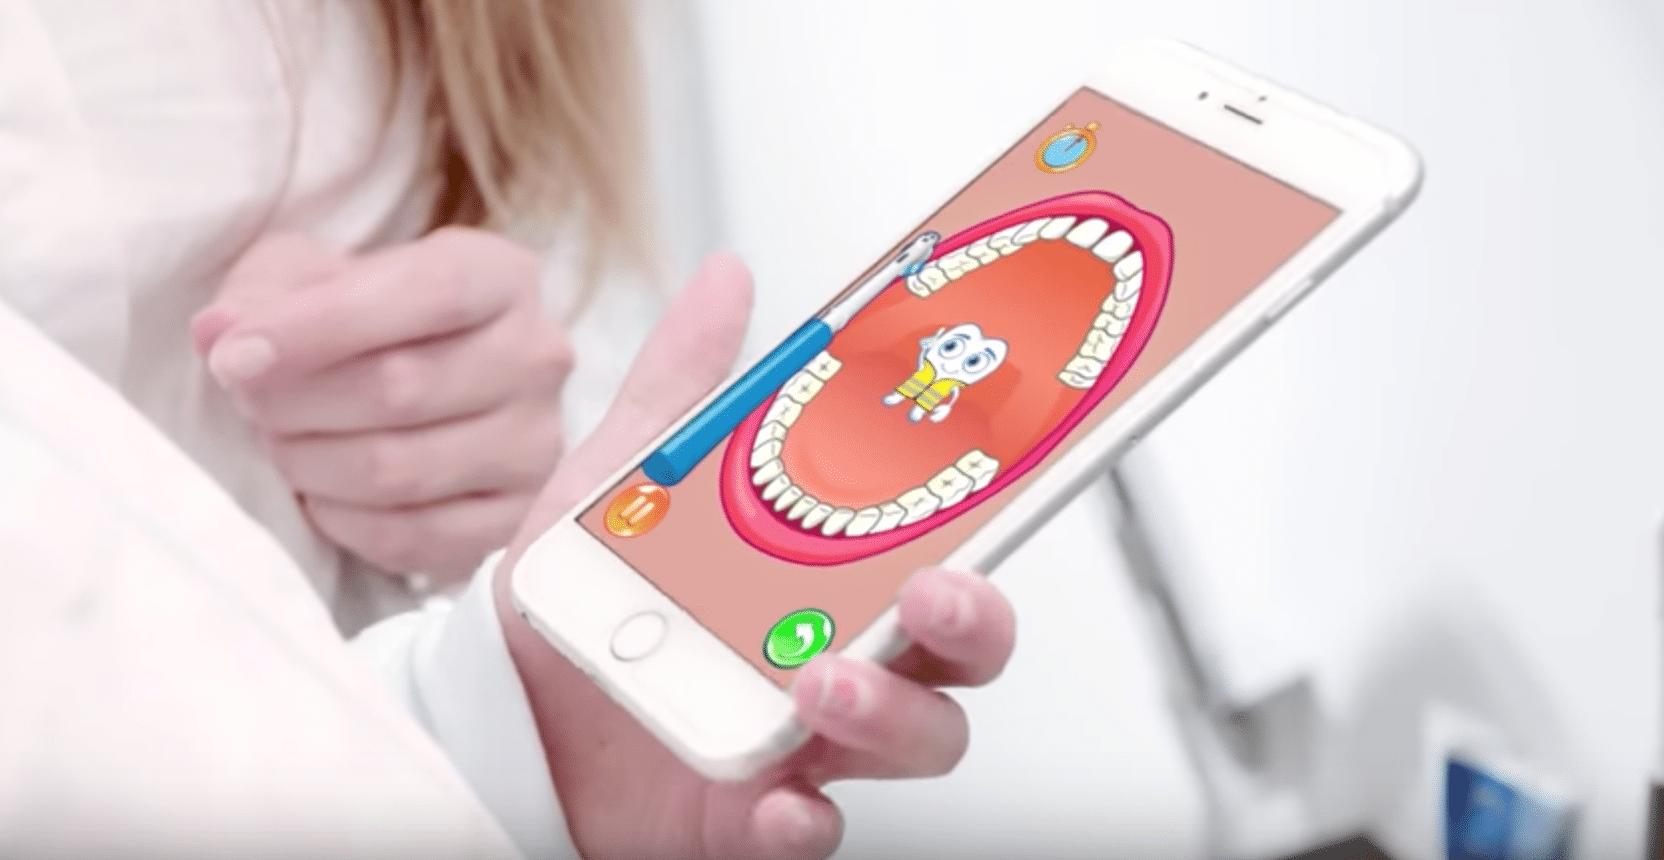 DennyTimer - mobilne aplikacije